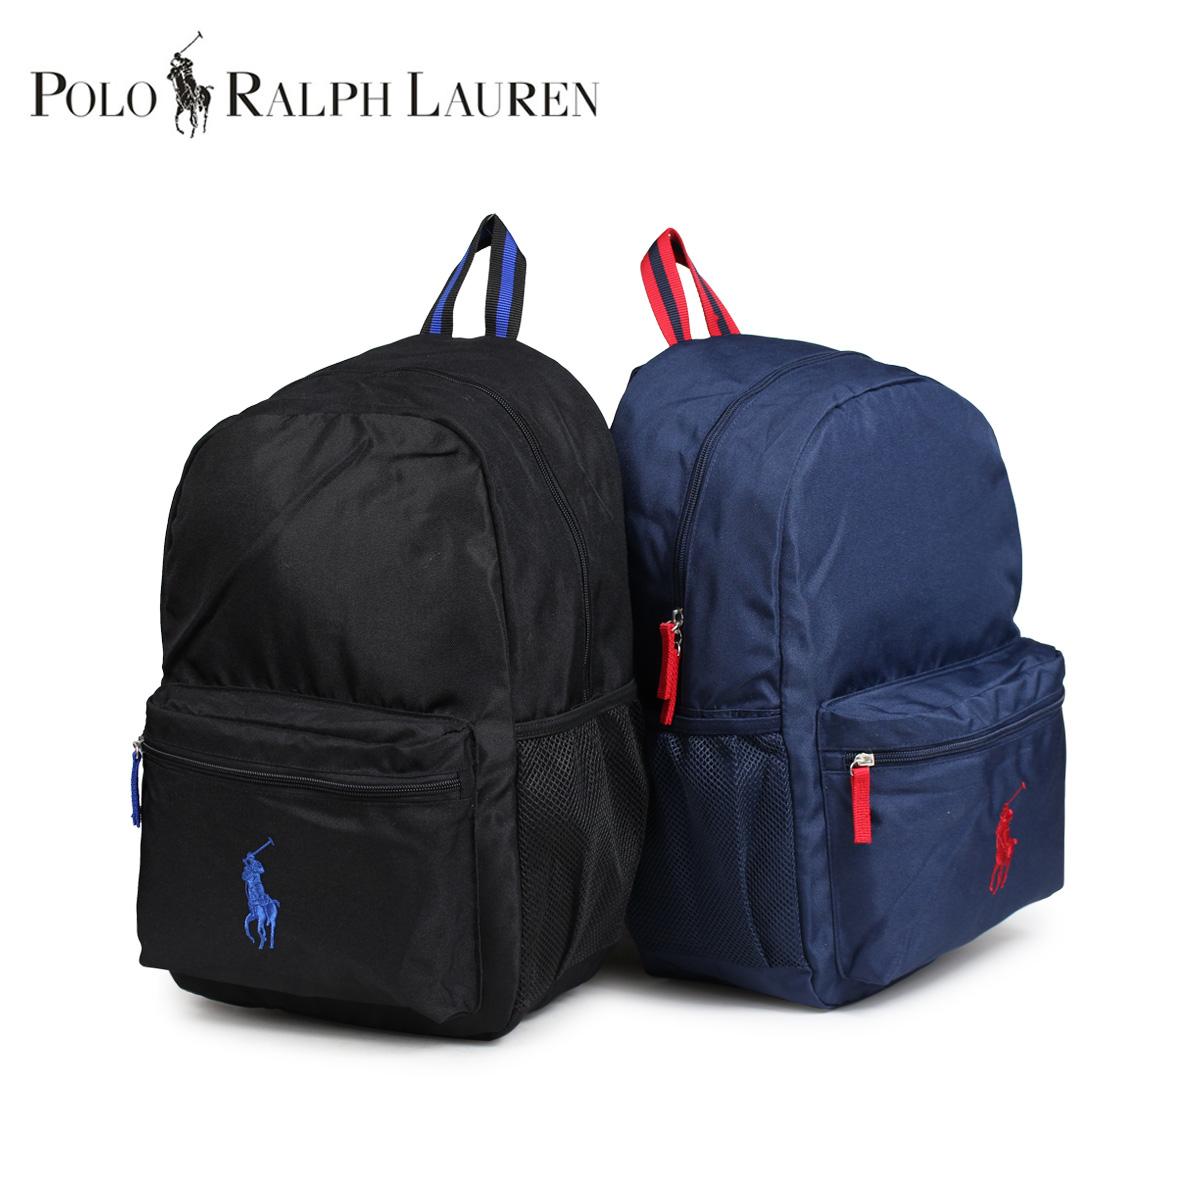 new styles 9ab83 1358b POLO RALPH LAUREN polo Ralph Lauren bag rucksack backpack kids black black  navy RA10012